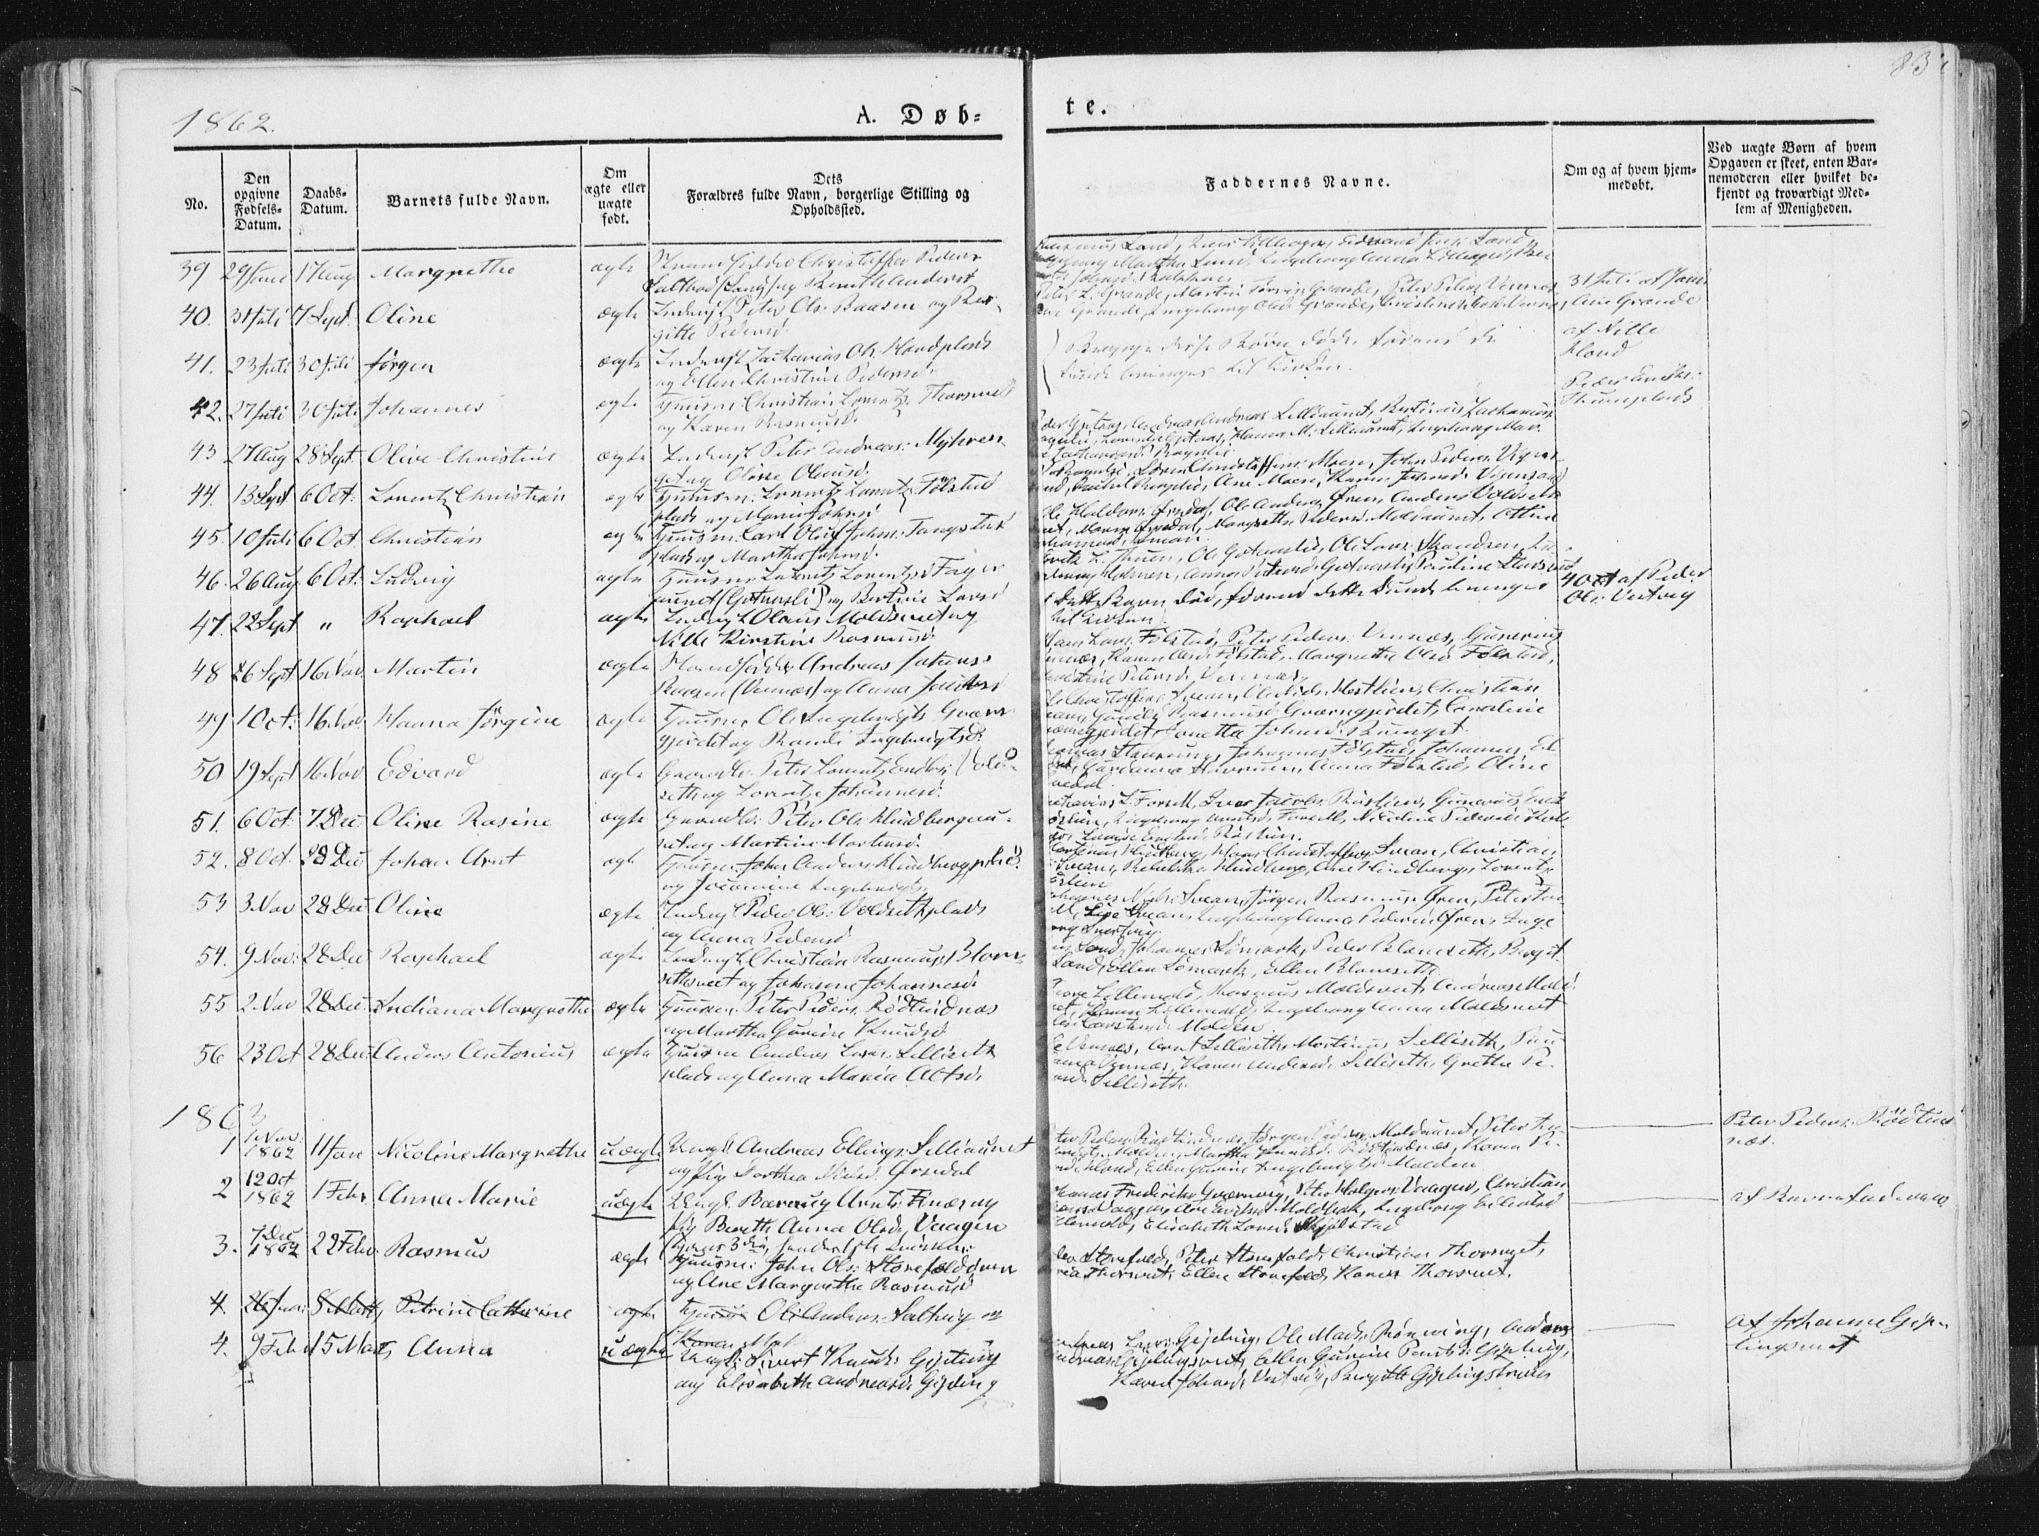 SAT, Ministerialprotokoller, klokkerbøker og fødselsregistre - Nord-Trøndelag, 744/L0418: Ministerialbok nr. 744A02, 1843-1866, s. 83